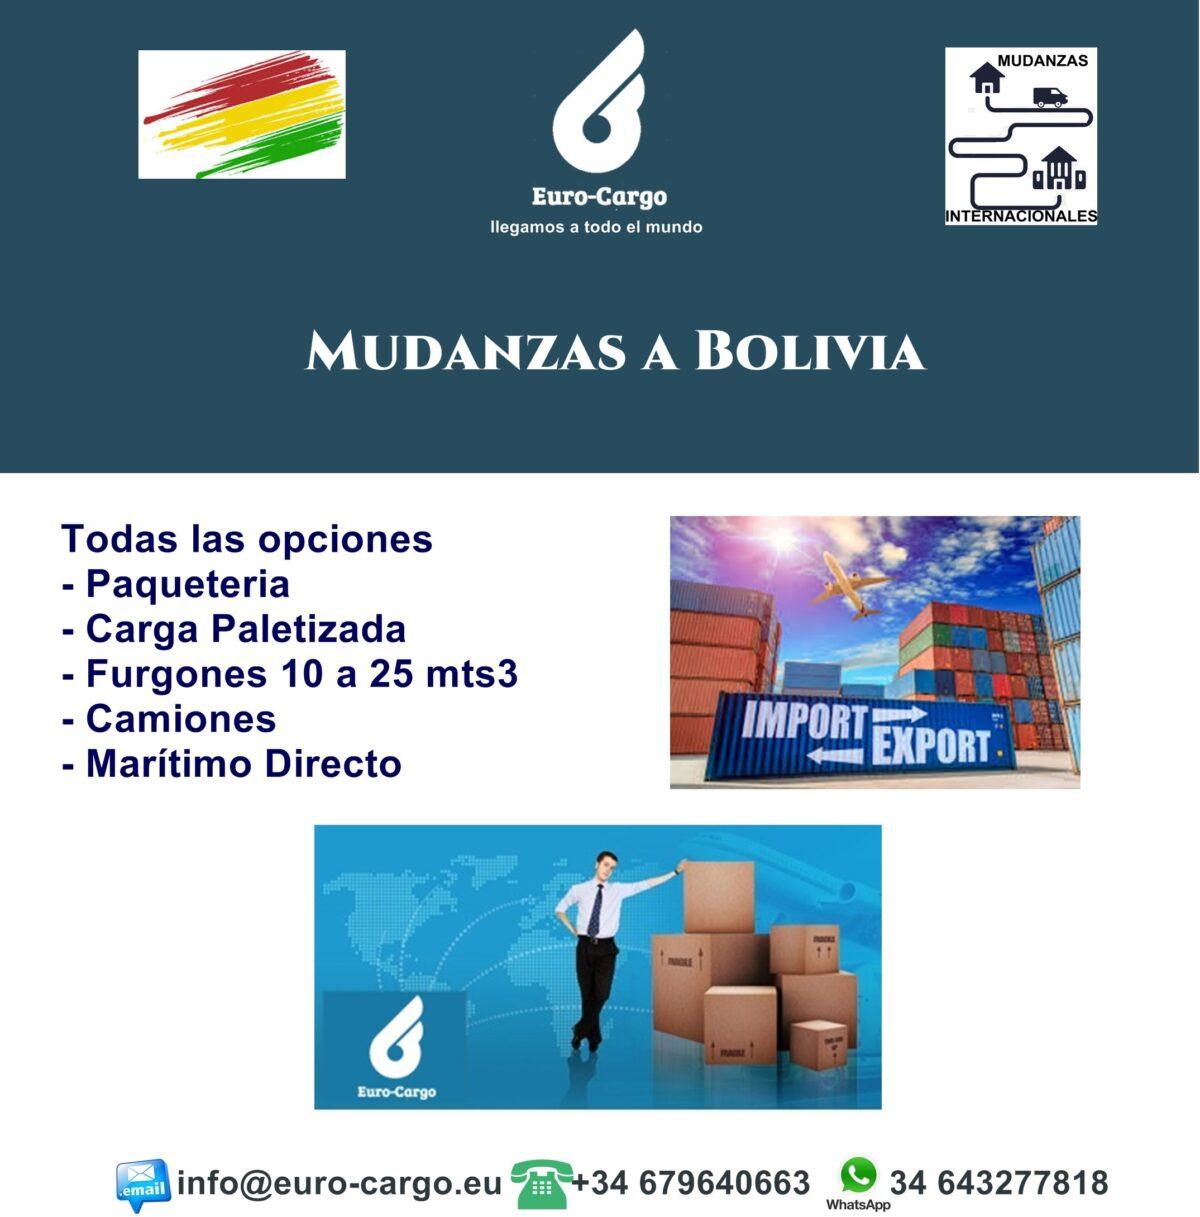 Mudanzas-a-Bolivia-1200x1217.jpg